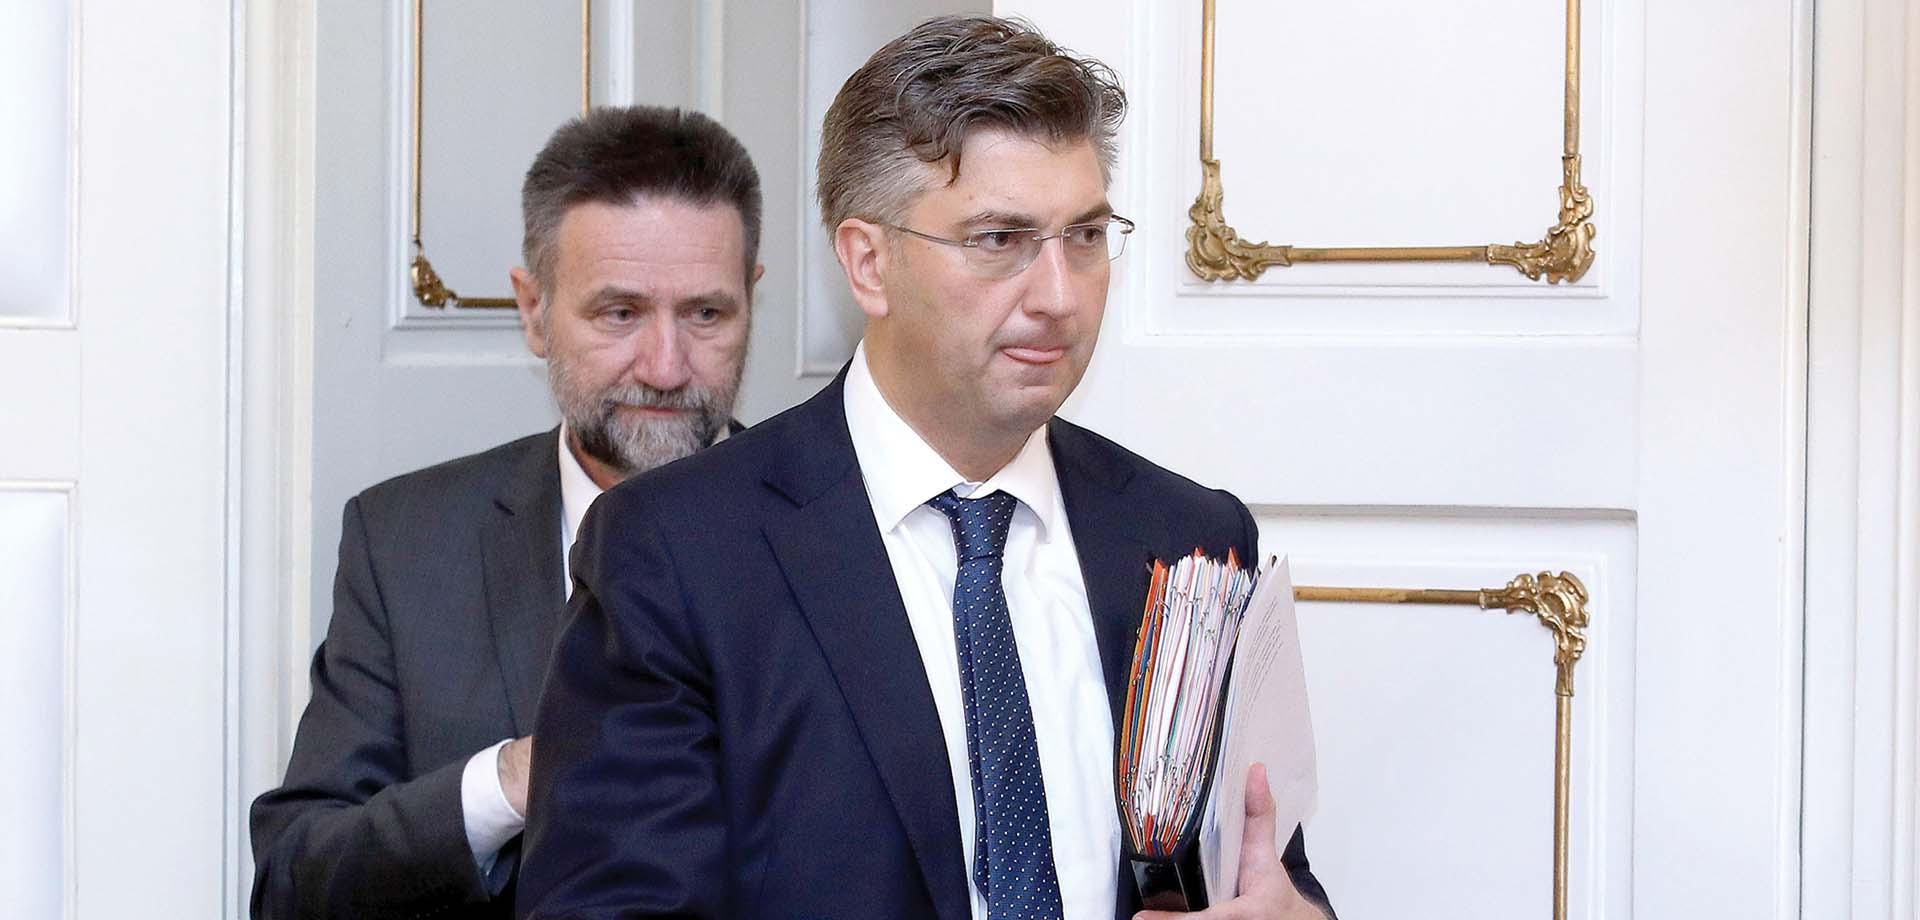 PLENKOVIĆ 'Smiješne su kritike zbog toga što je Cvitan bio sa mnom na konferenciji za novinare u Vladi'